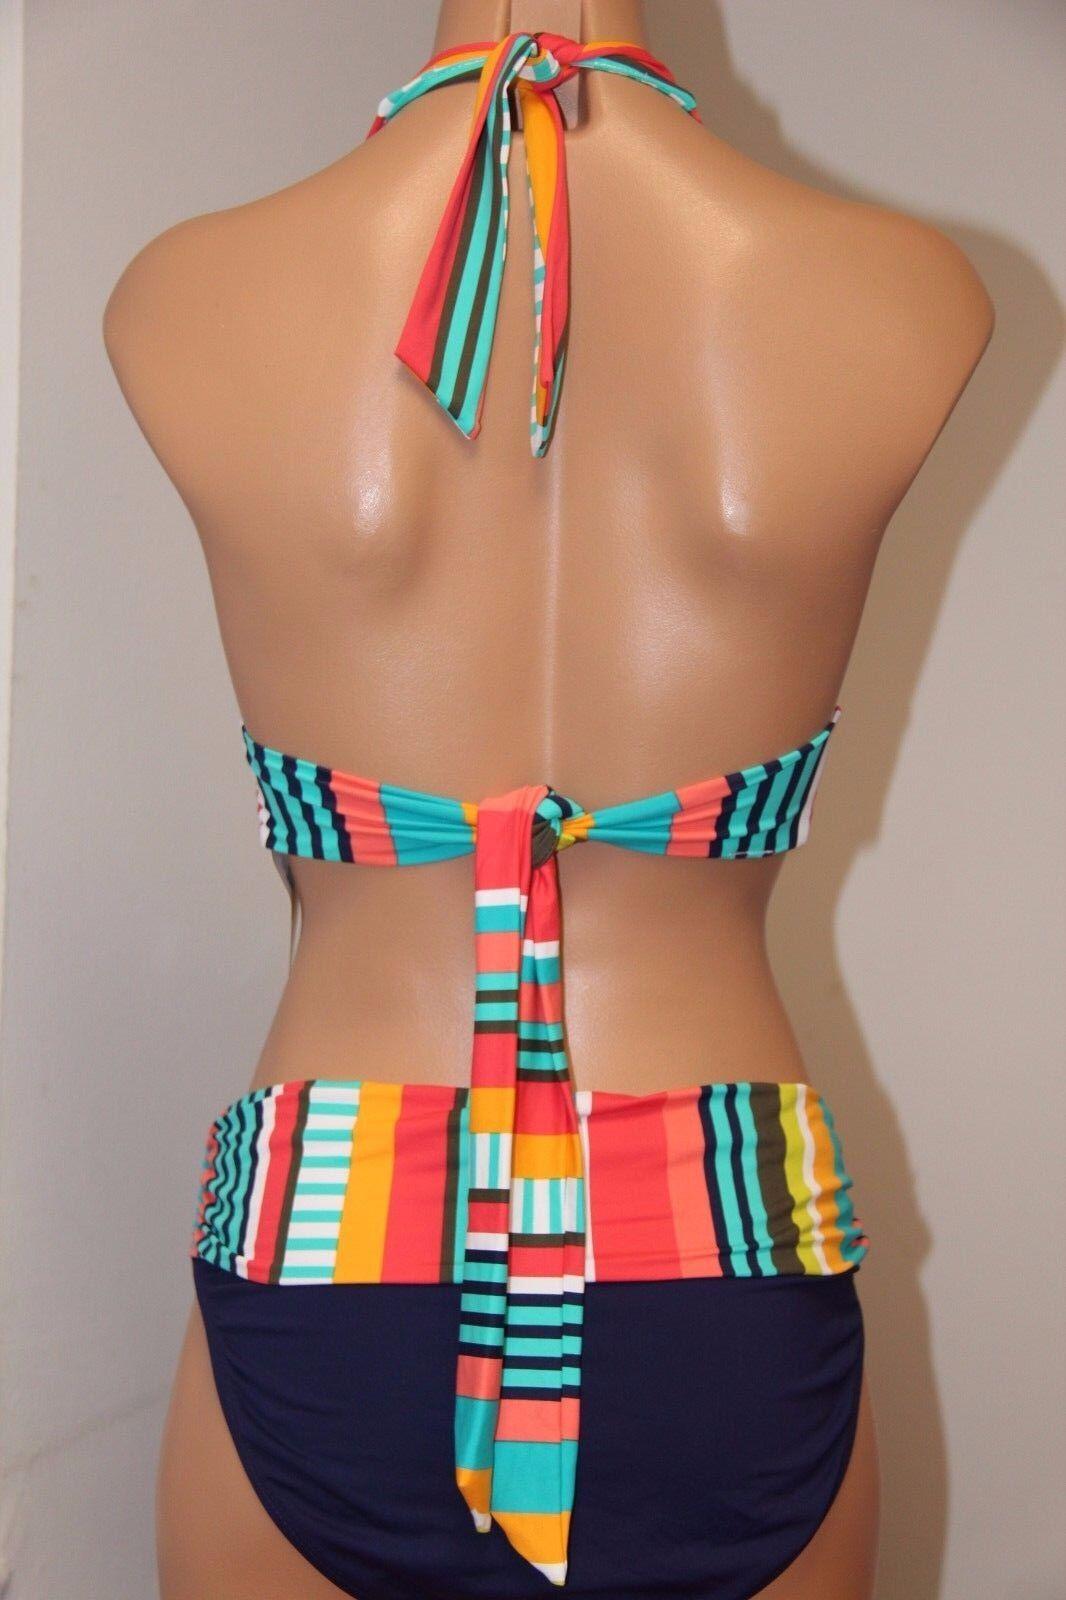 NWT Anne Cole Swimsuit Bikini 2 pc set Sz Sz Sz S M Halter Top Multi color 9c6a48